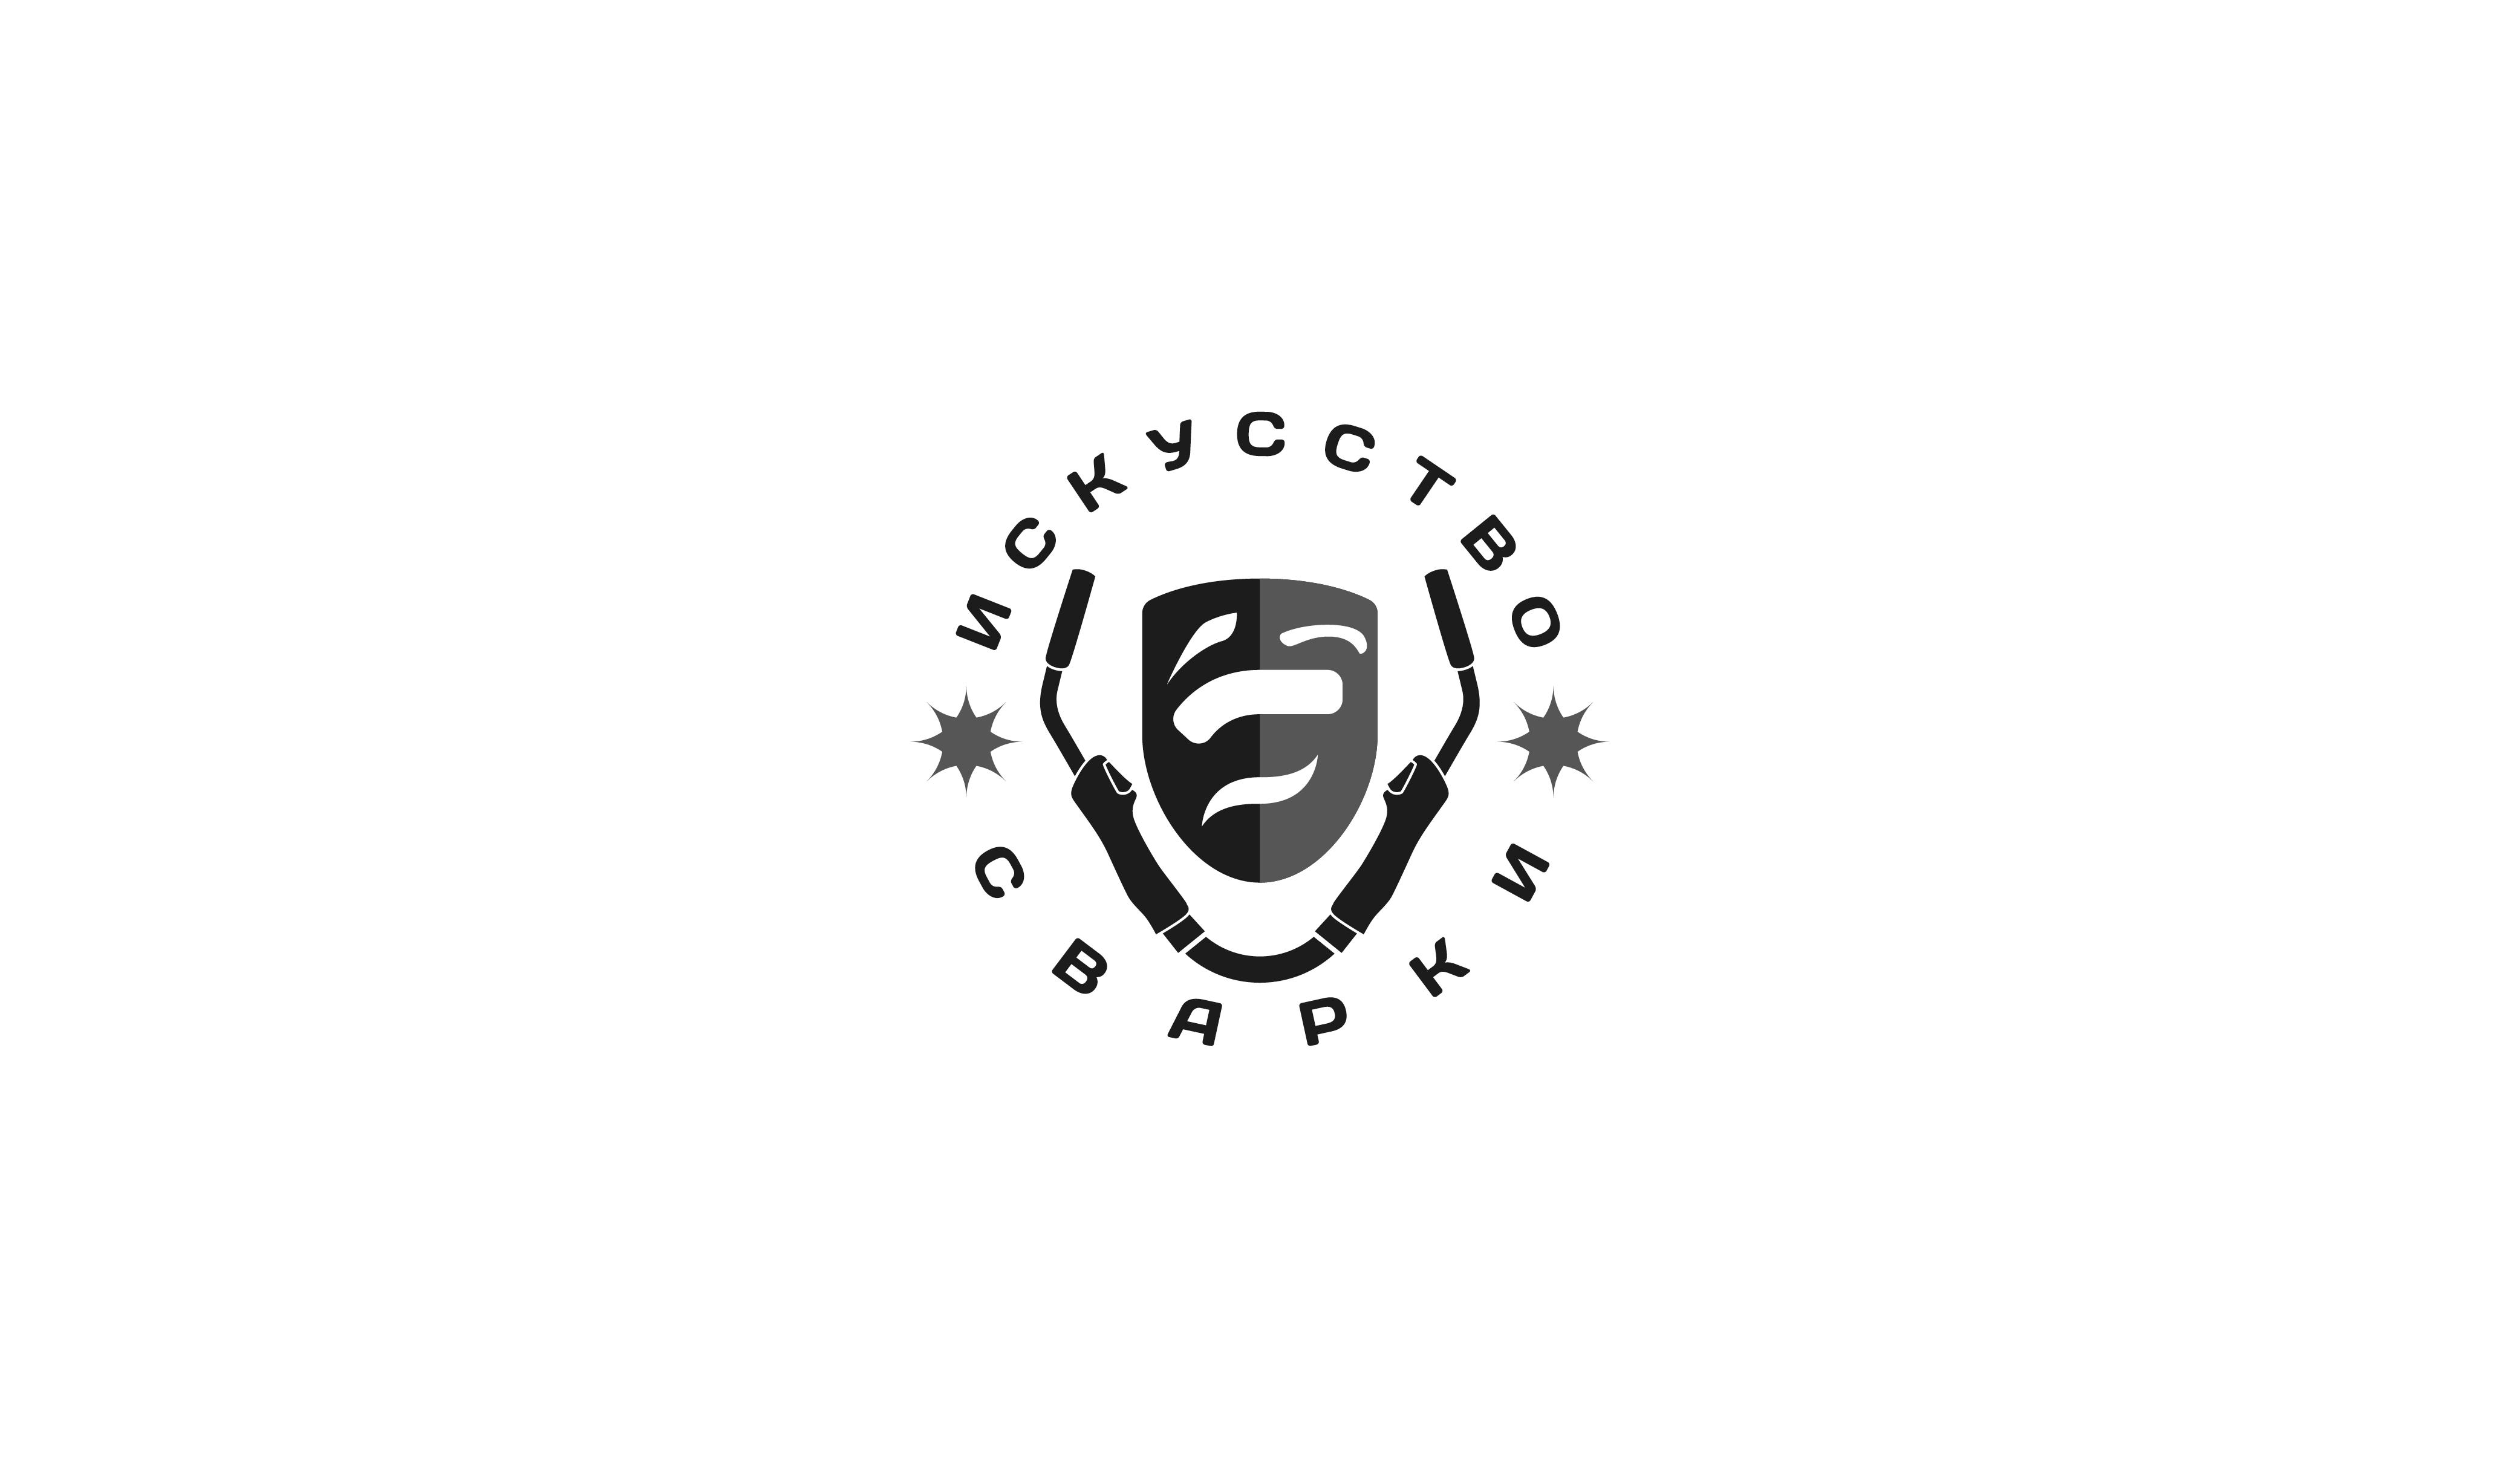 Разработка логотипа для Конкурса фото f_1325f6f694b6e4ec.jpg